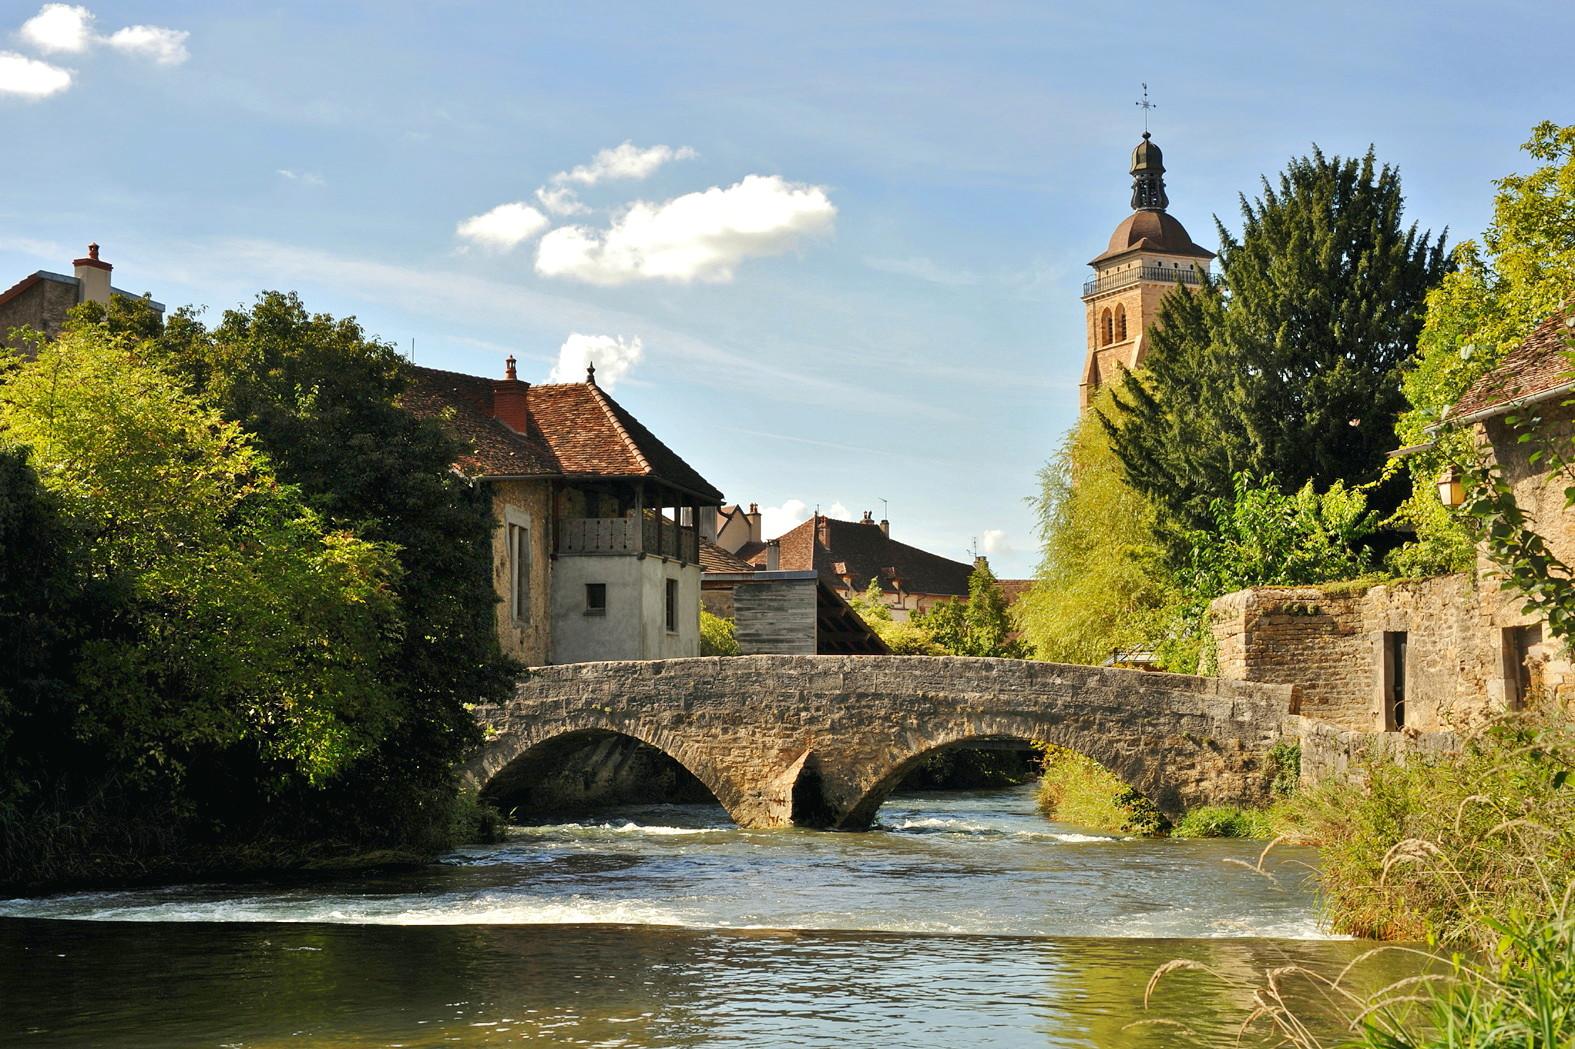 Pont_des_Capucins,_Arbois_01_10.jpg